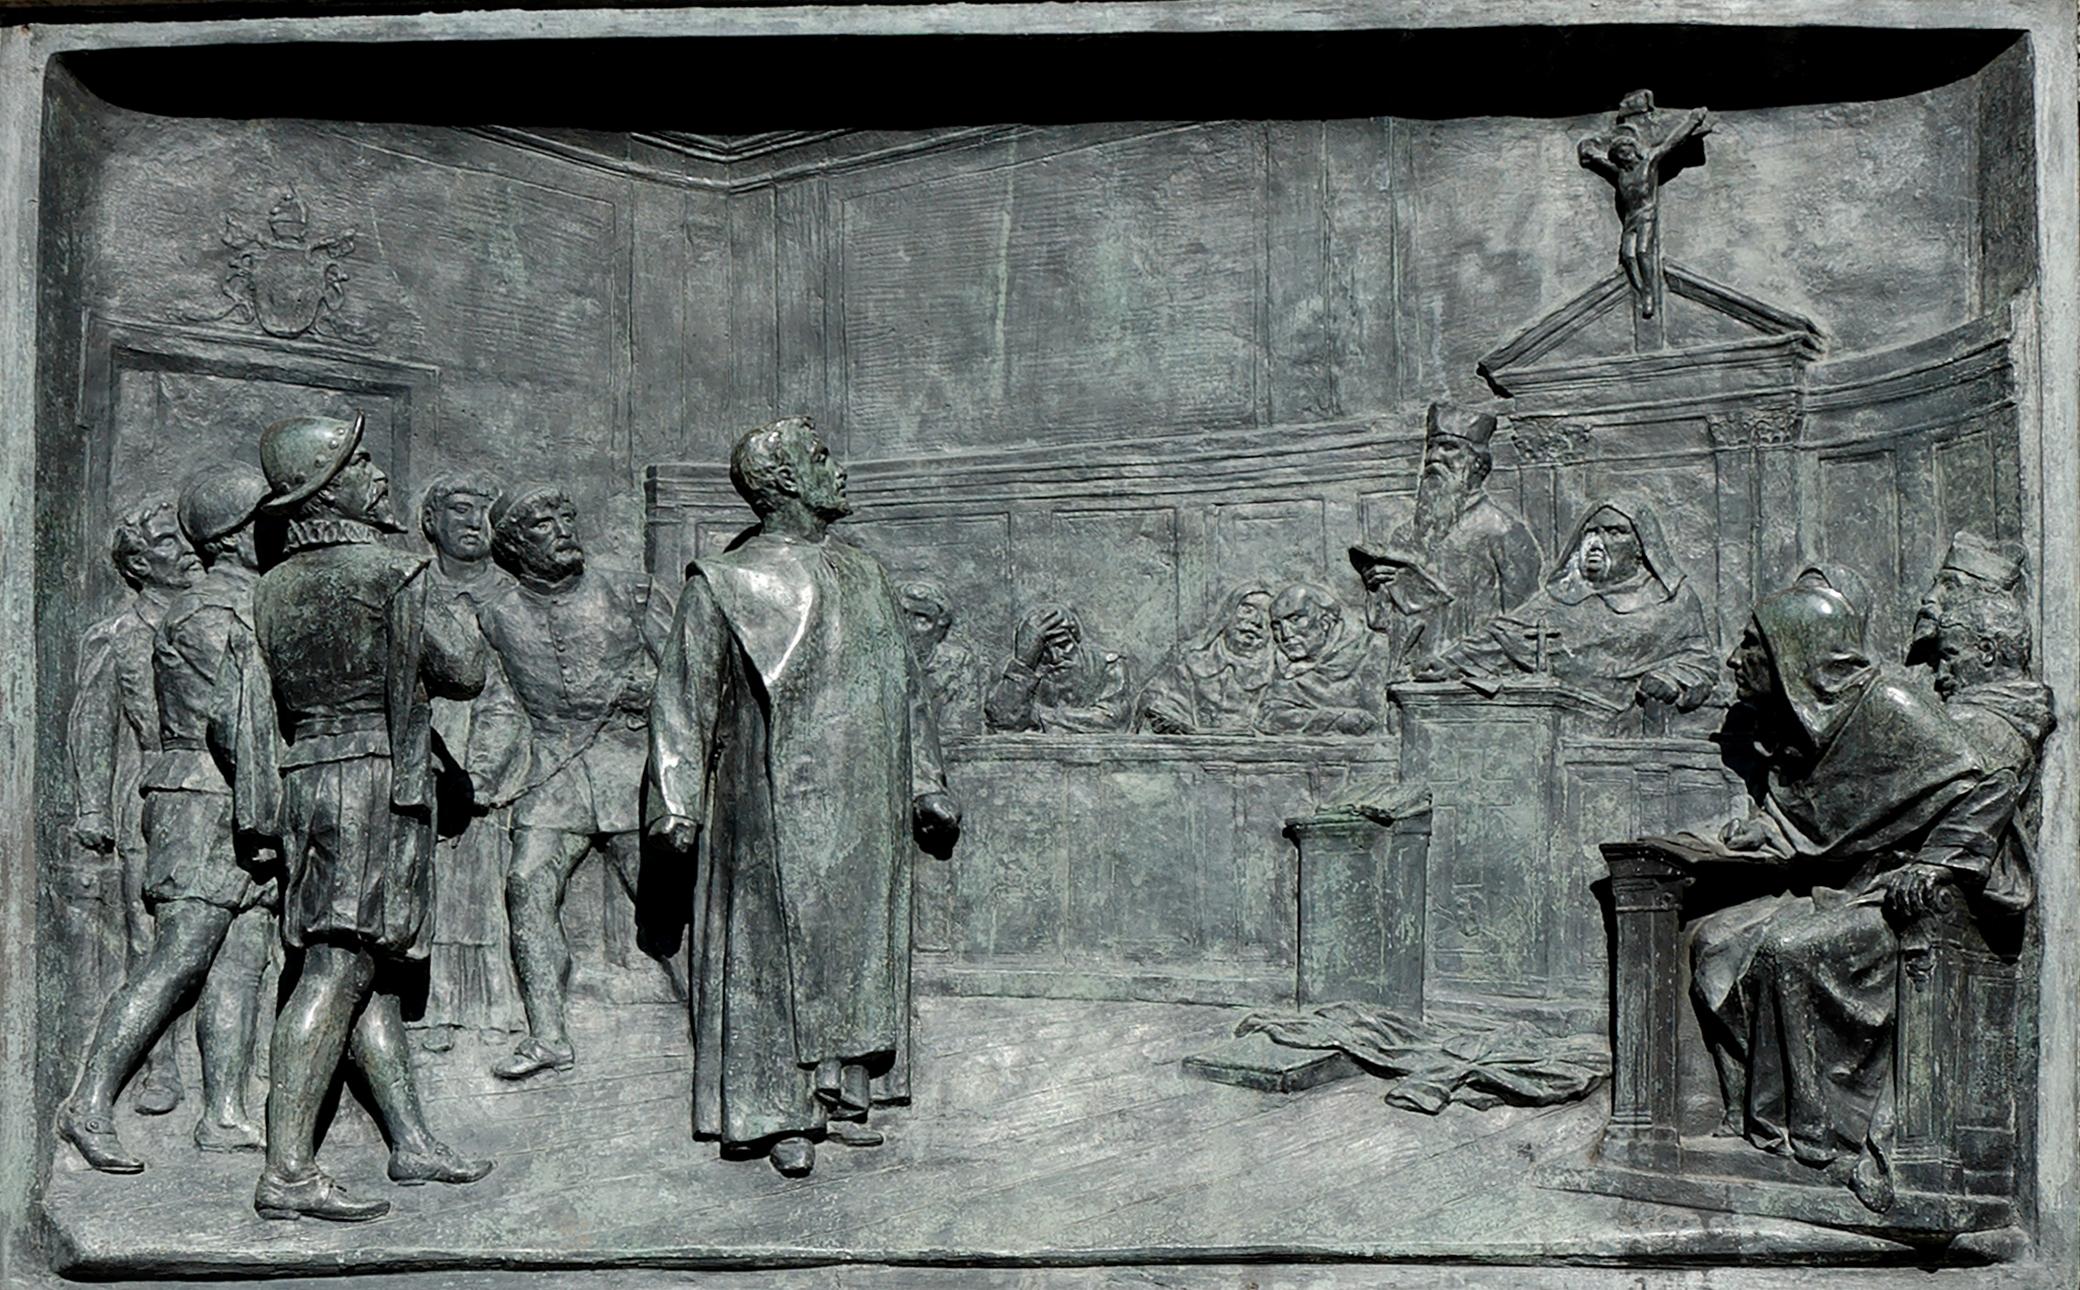 Il processo di Giordano Bruno, bassorilievo del basamento della statua in Campo de' Fiori dello scultore Ettore Ferrari